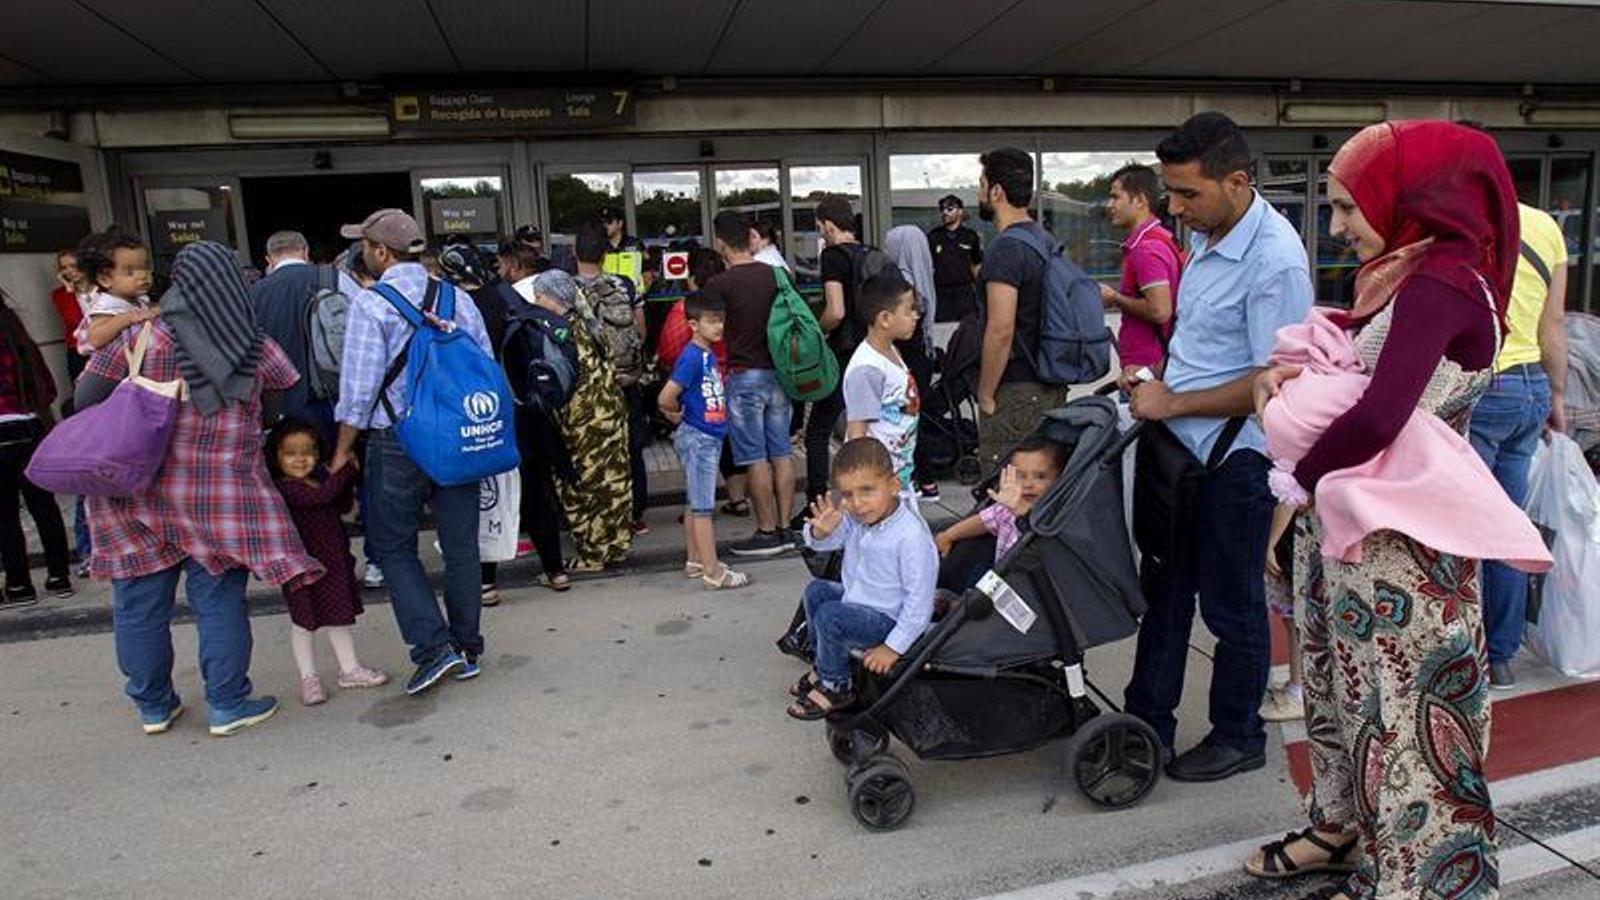 Barcelona acollirà 18 dels 184 refugiats que han arribat a Espanya des de Grècia